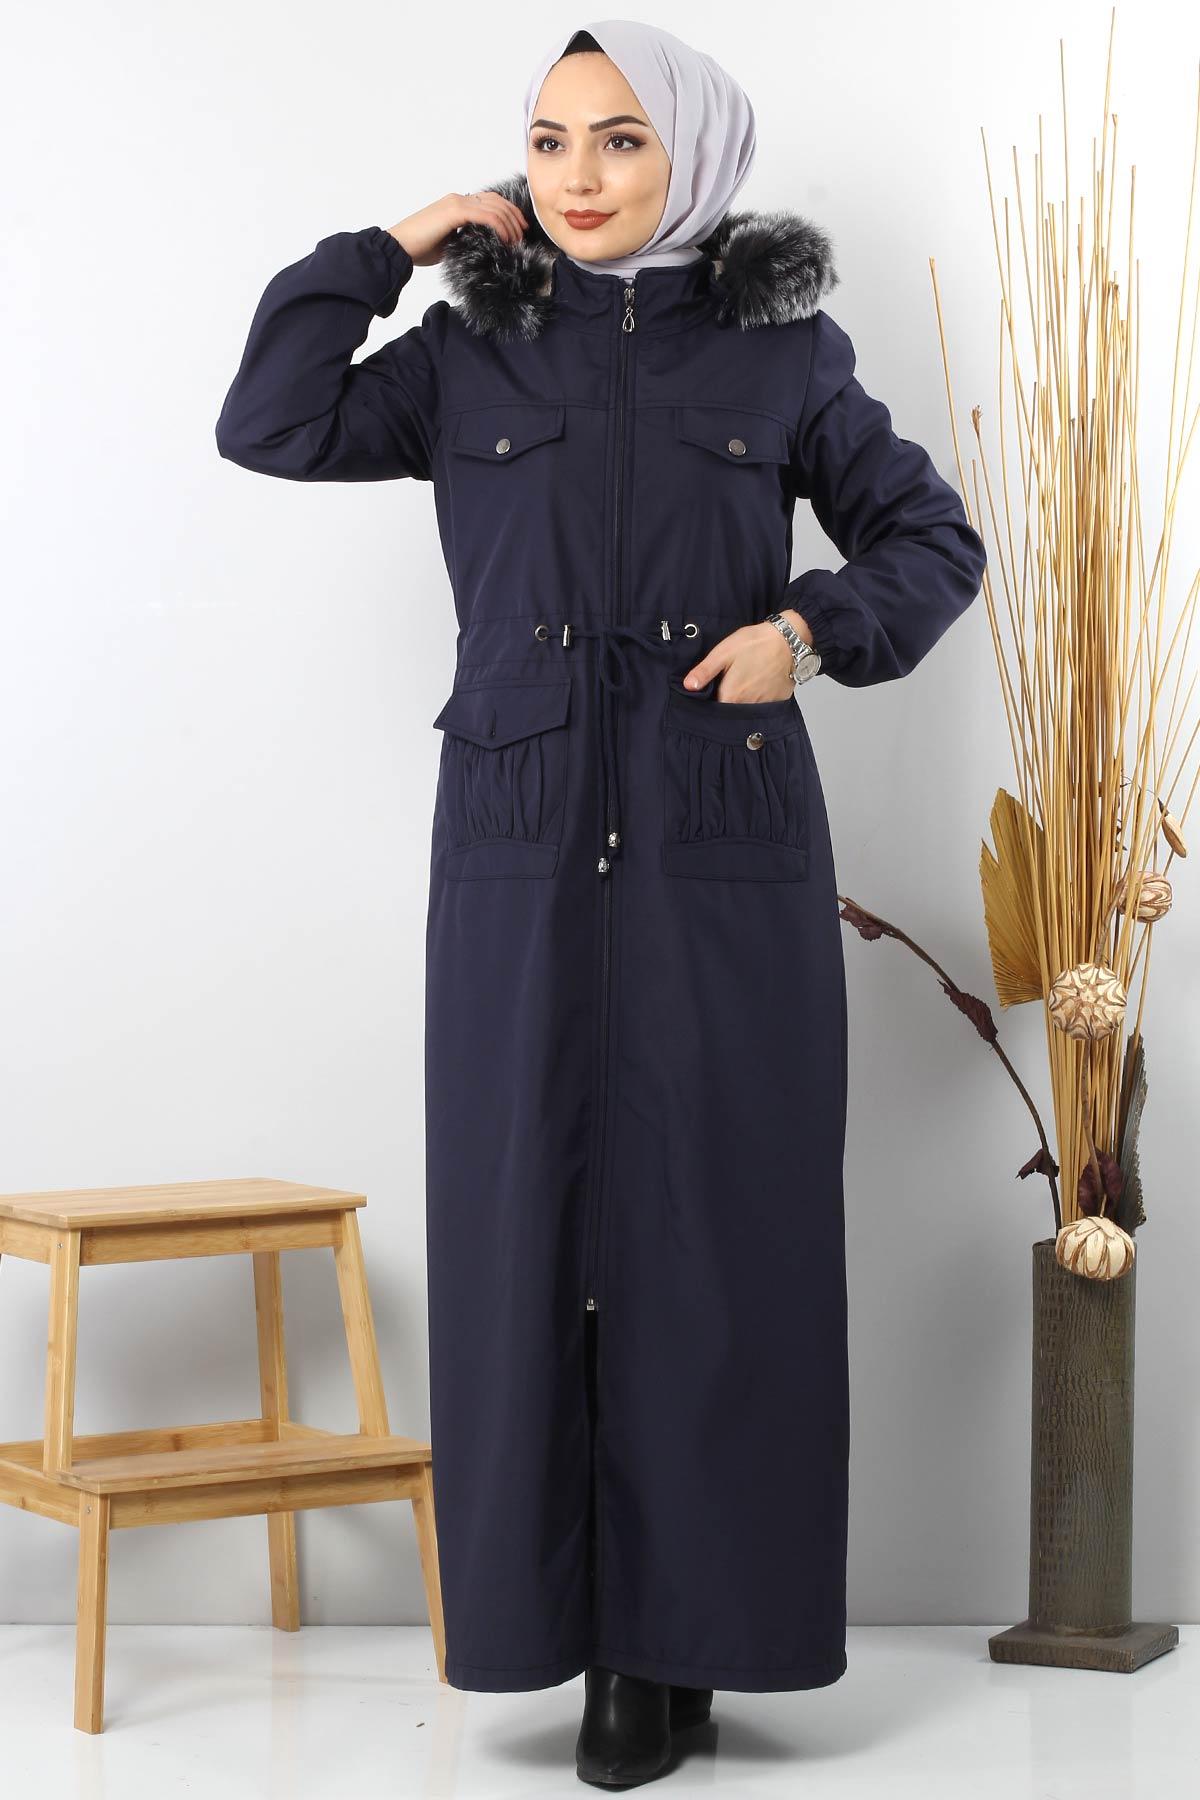 معطف طول كامل يحتوي جيوب TSD8907 نيـــلــي.